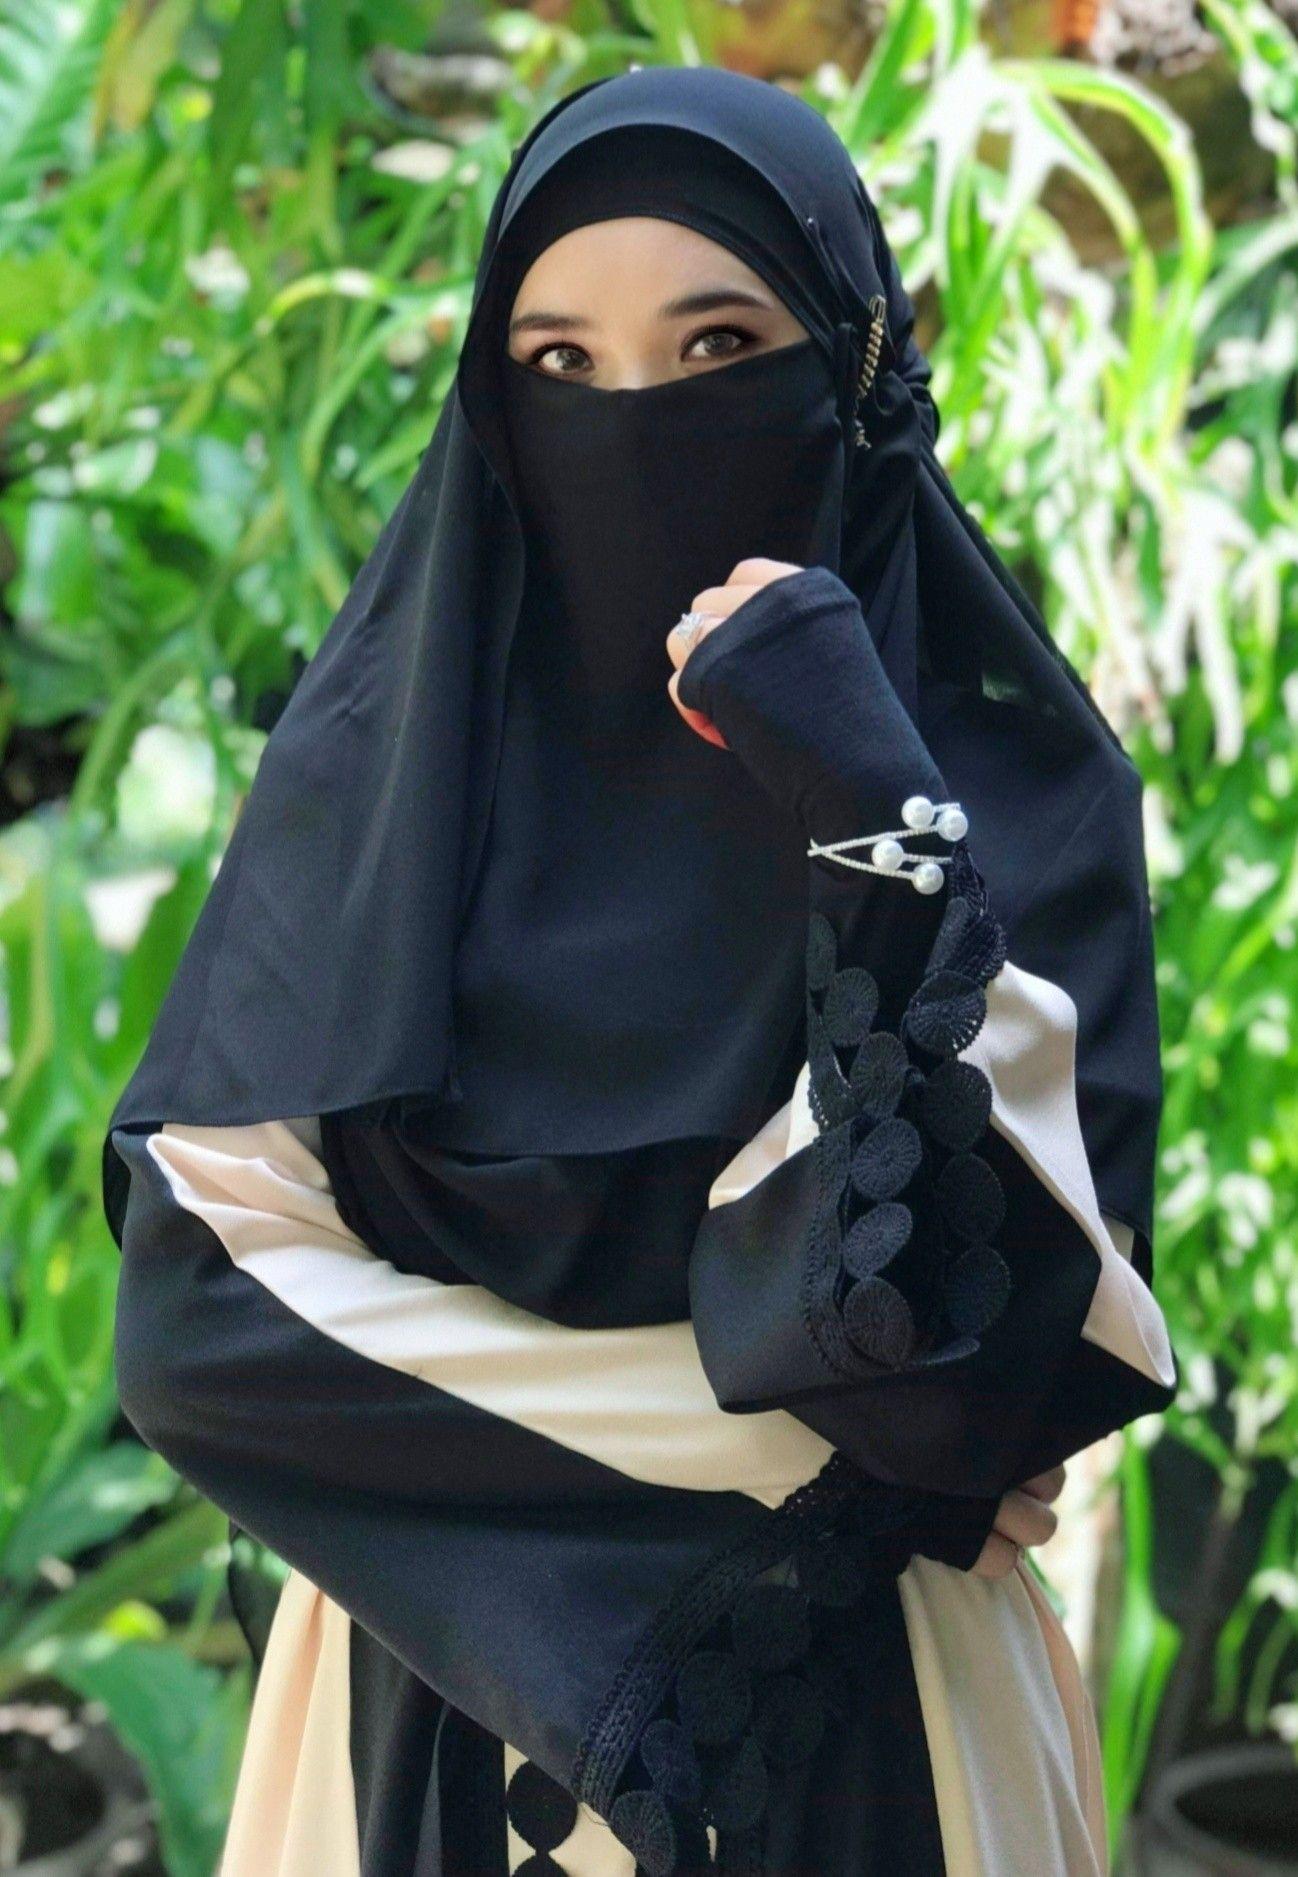 #Muslimah #Thailand | Niqab, Niqab muslimah, Niqab girls